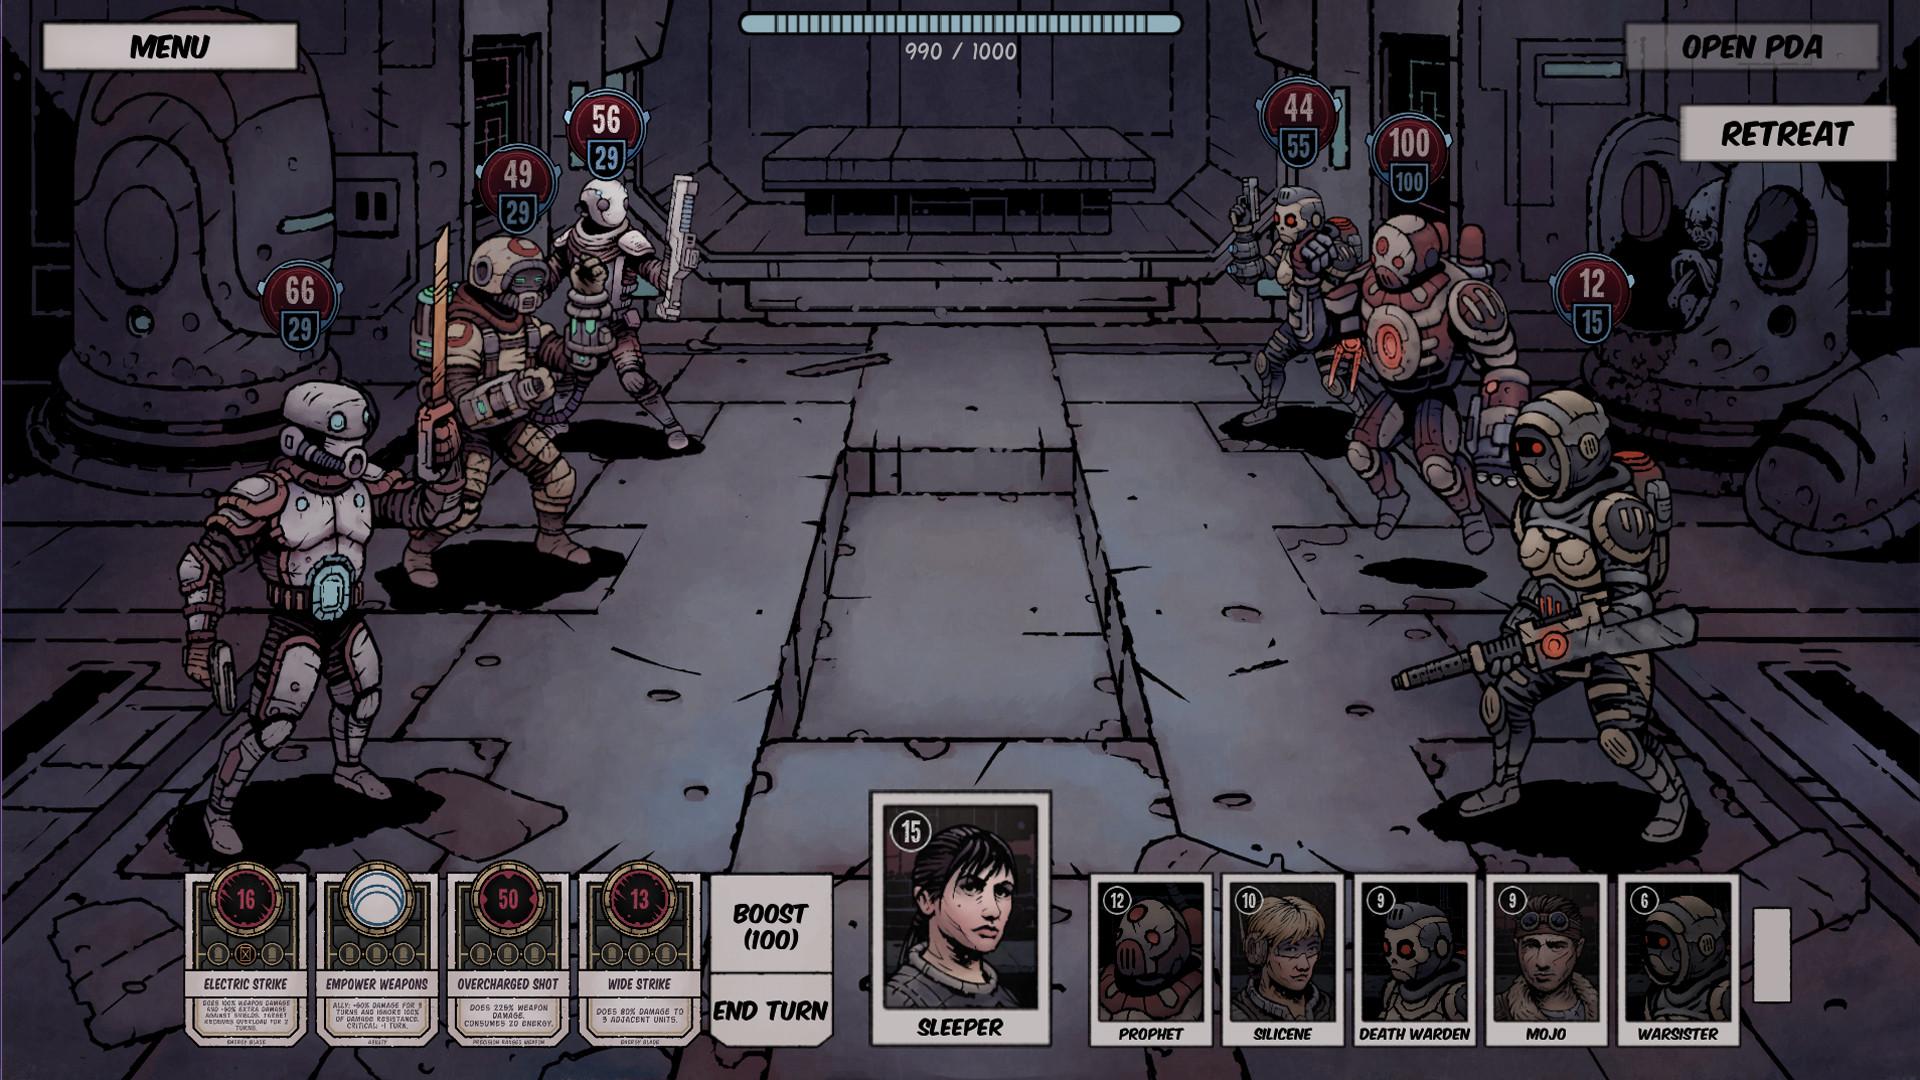 黑暗诡异 科幻版暗黑地牢 《深空遗物》 9月26日正式发售